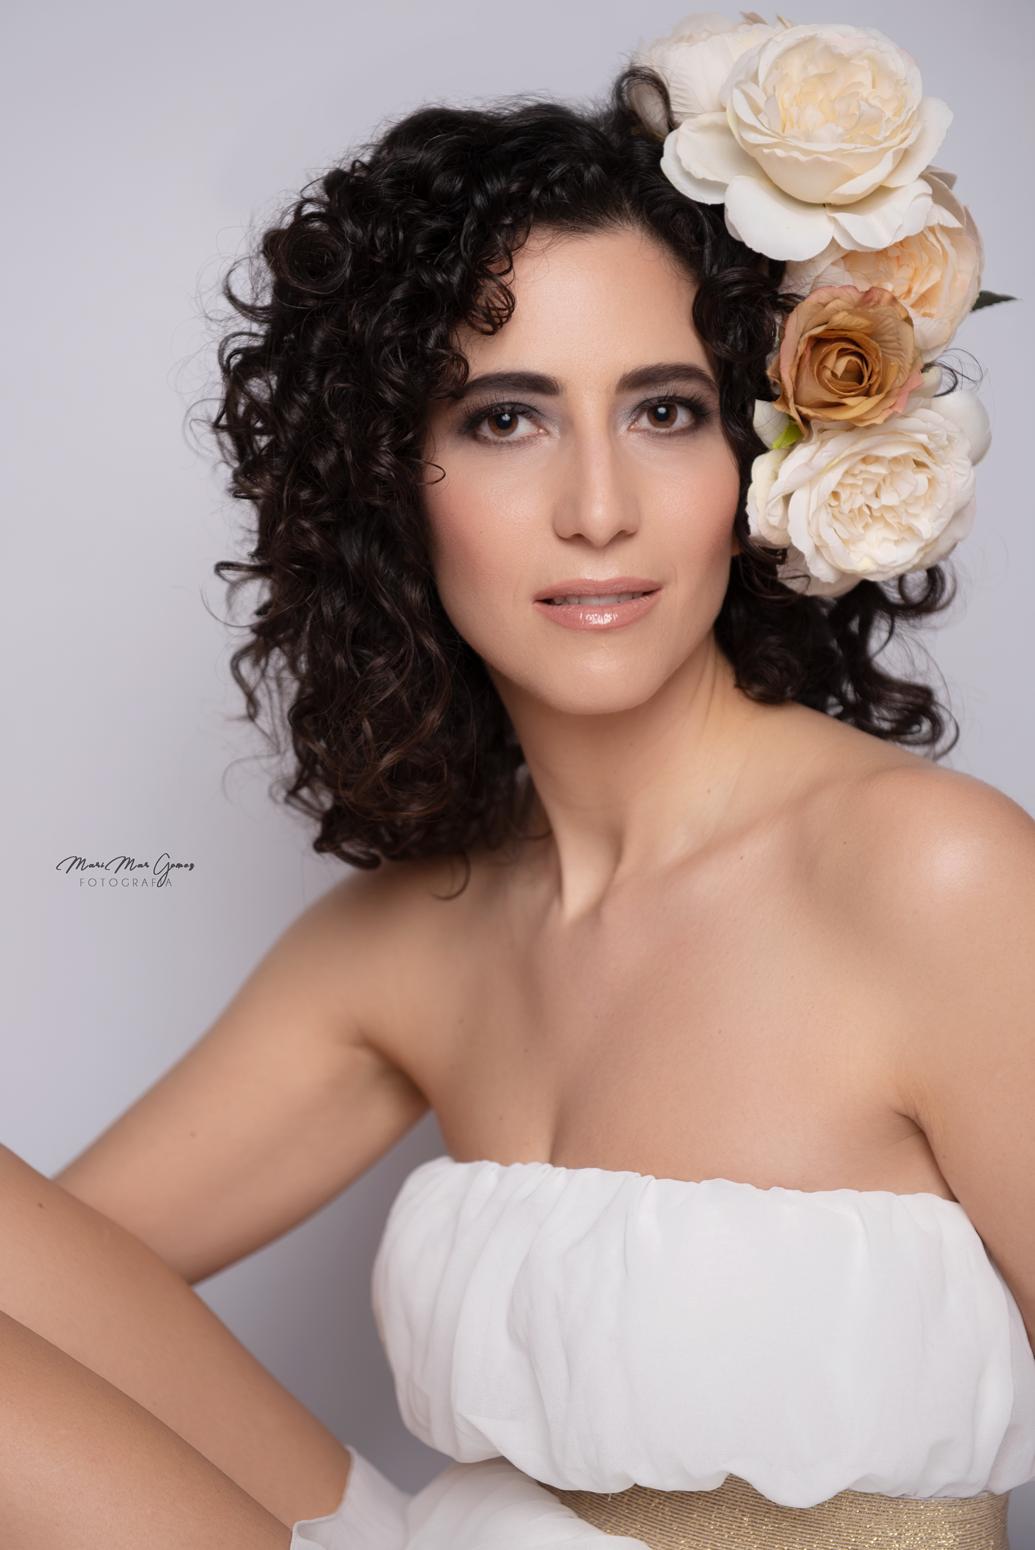 Laura Portrait